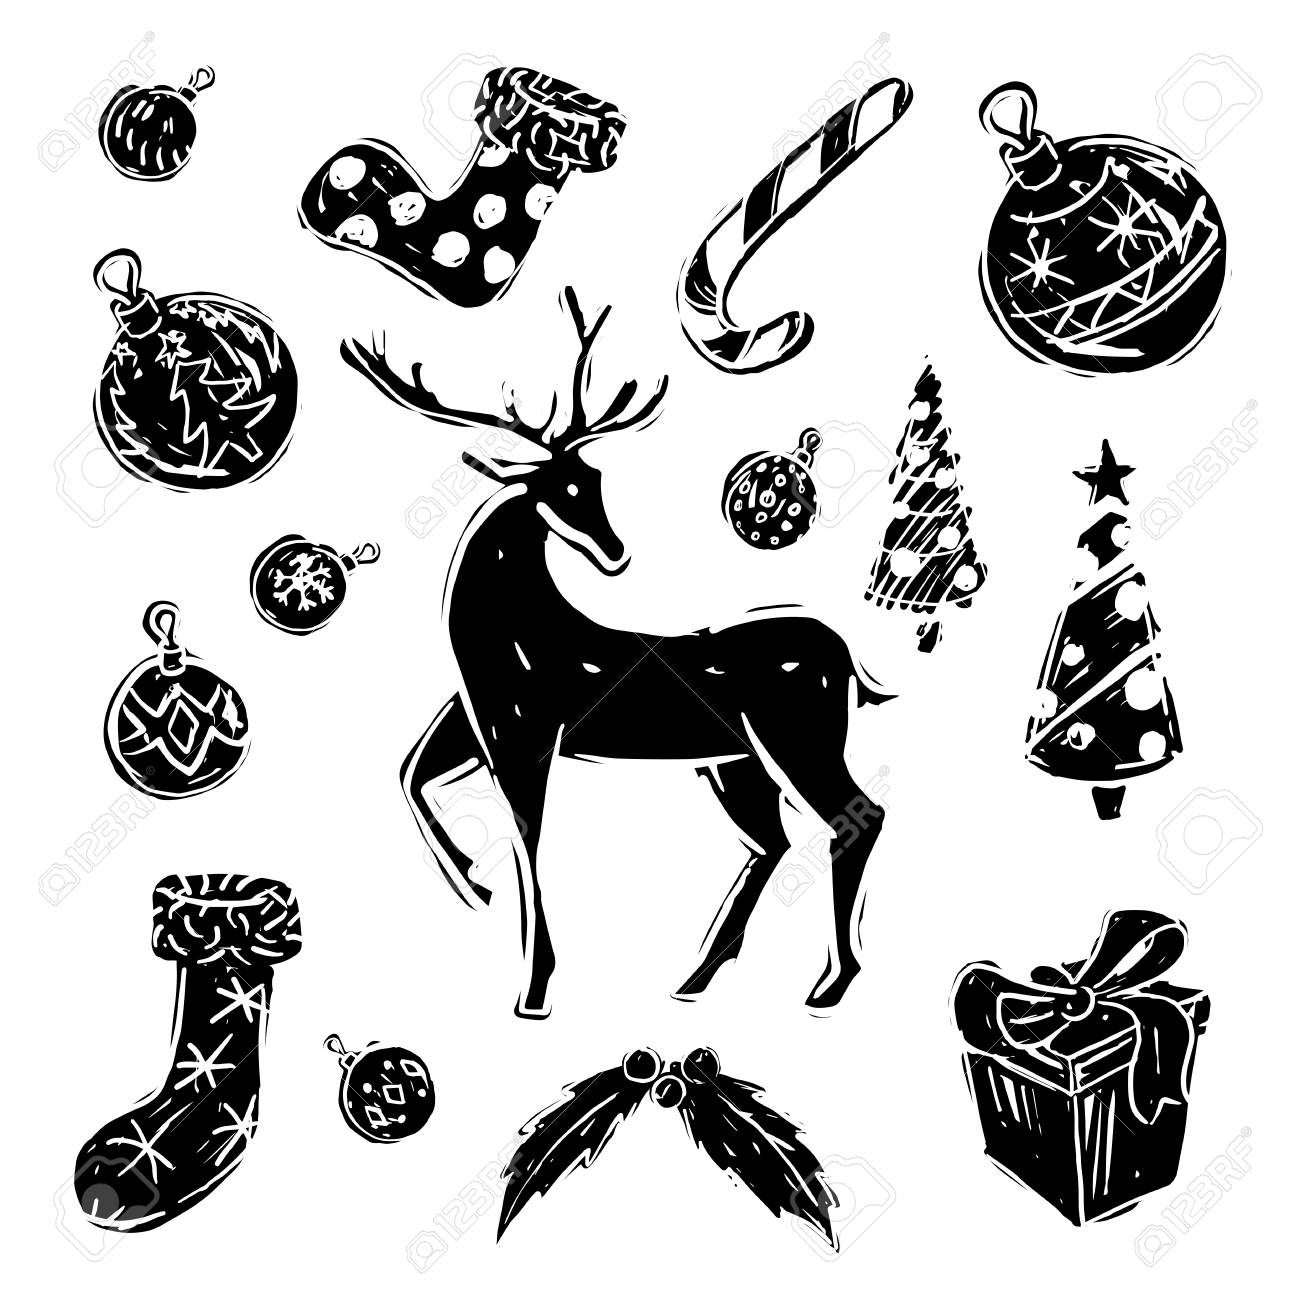 Jeu De Noël Noir Et Blanc Sur Fond Blanc